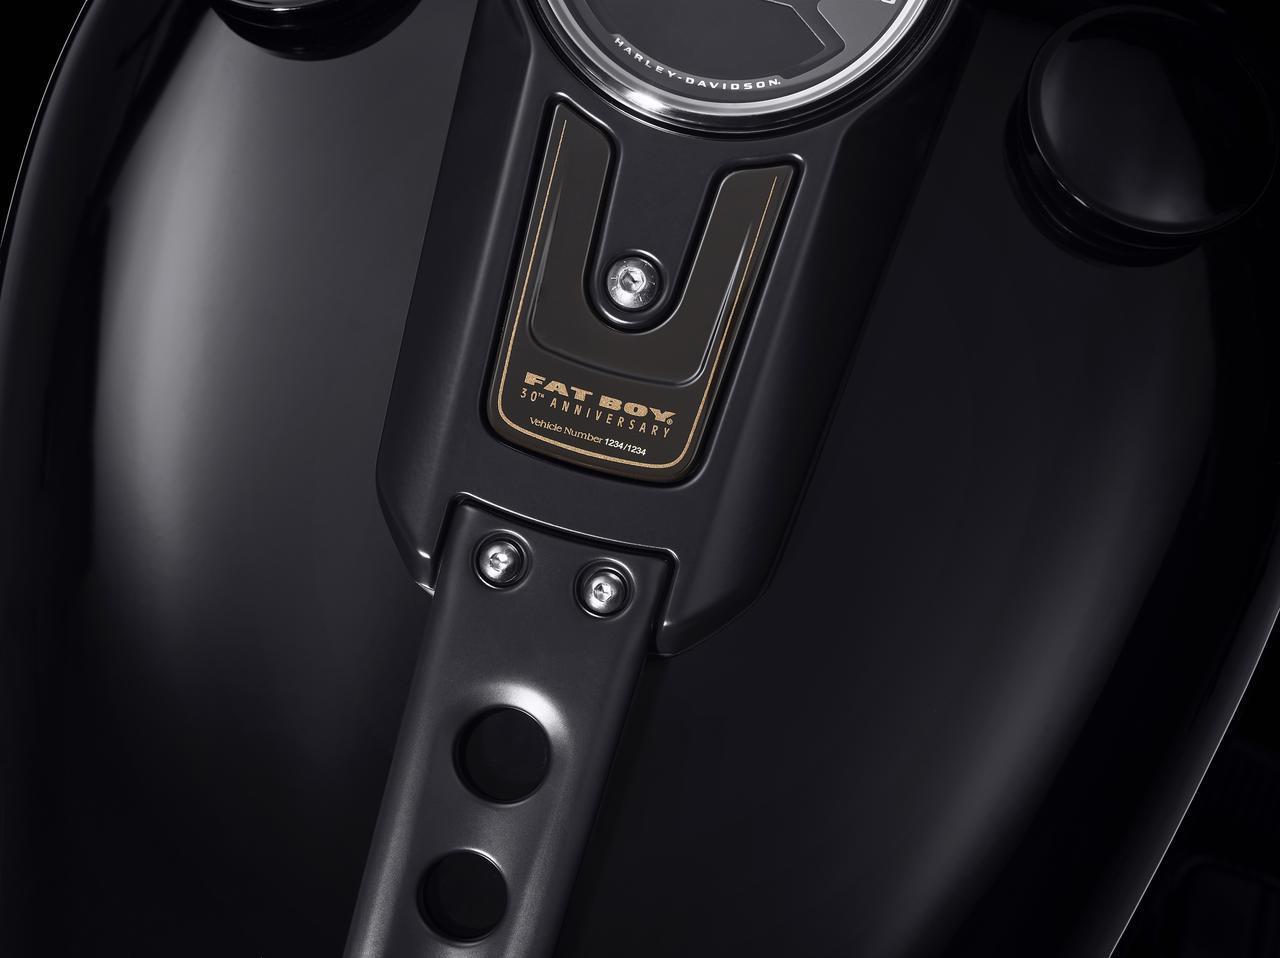 『ターミネーター2』でも話題となったハーレーダビッドソン「ファットボーイ」の30周年記念モデルが登場!